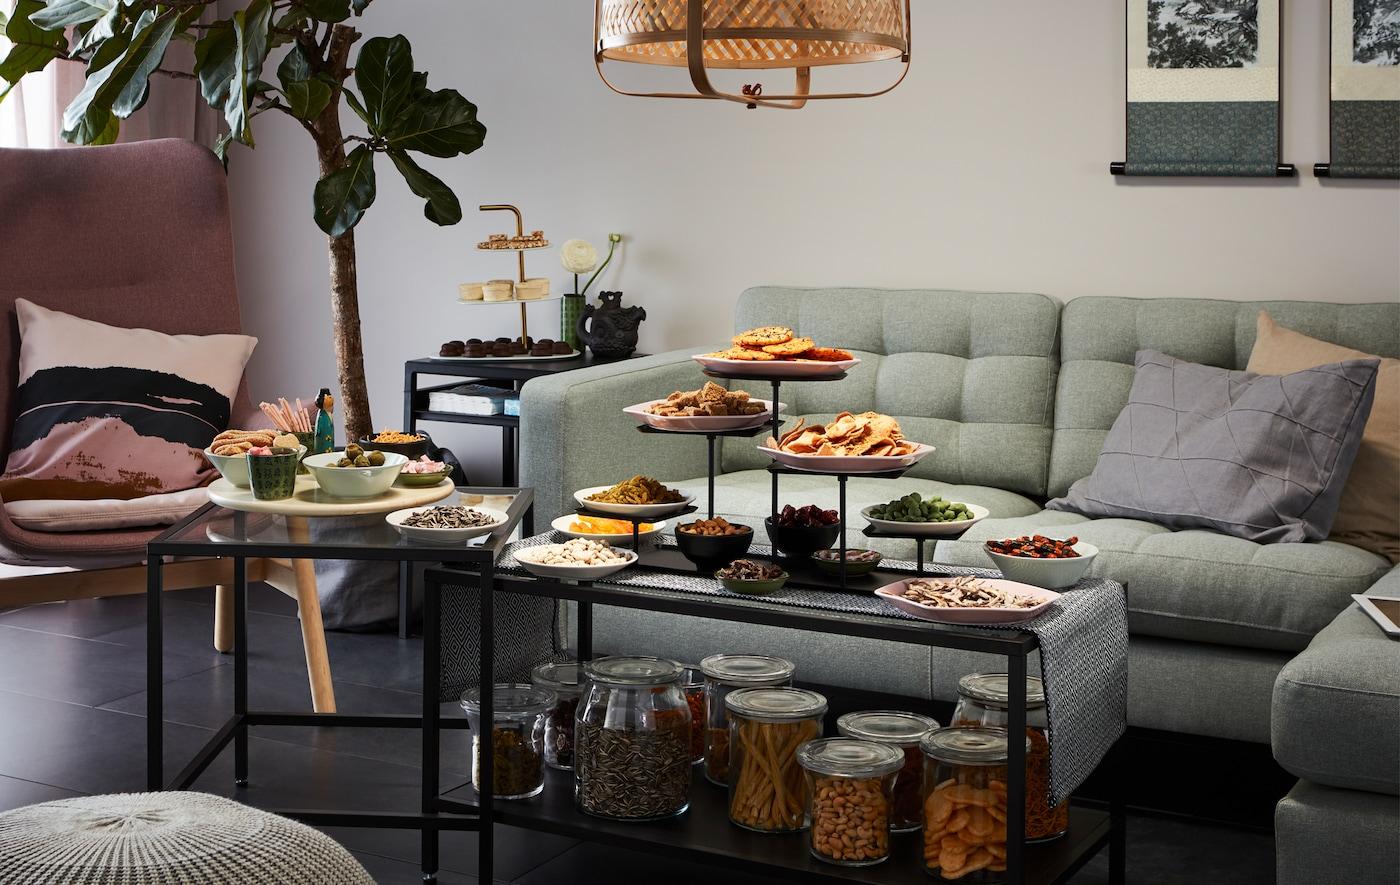 Lado del salón con sofá de esquina y sillón; en primer plano, un juego de mesas nido repletas de aperitivos, tanto envasados como servidos.